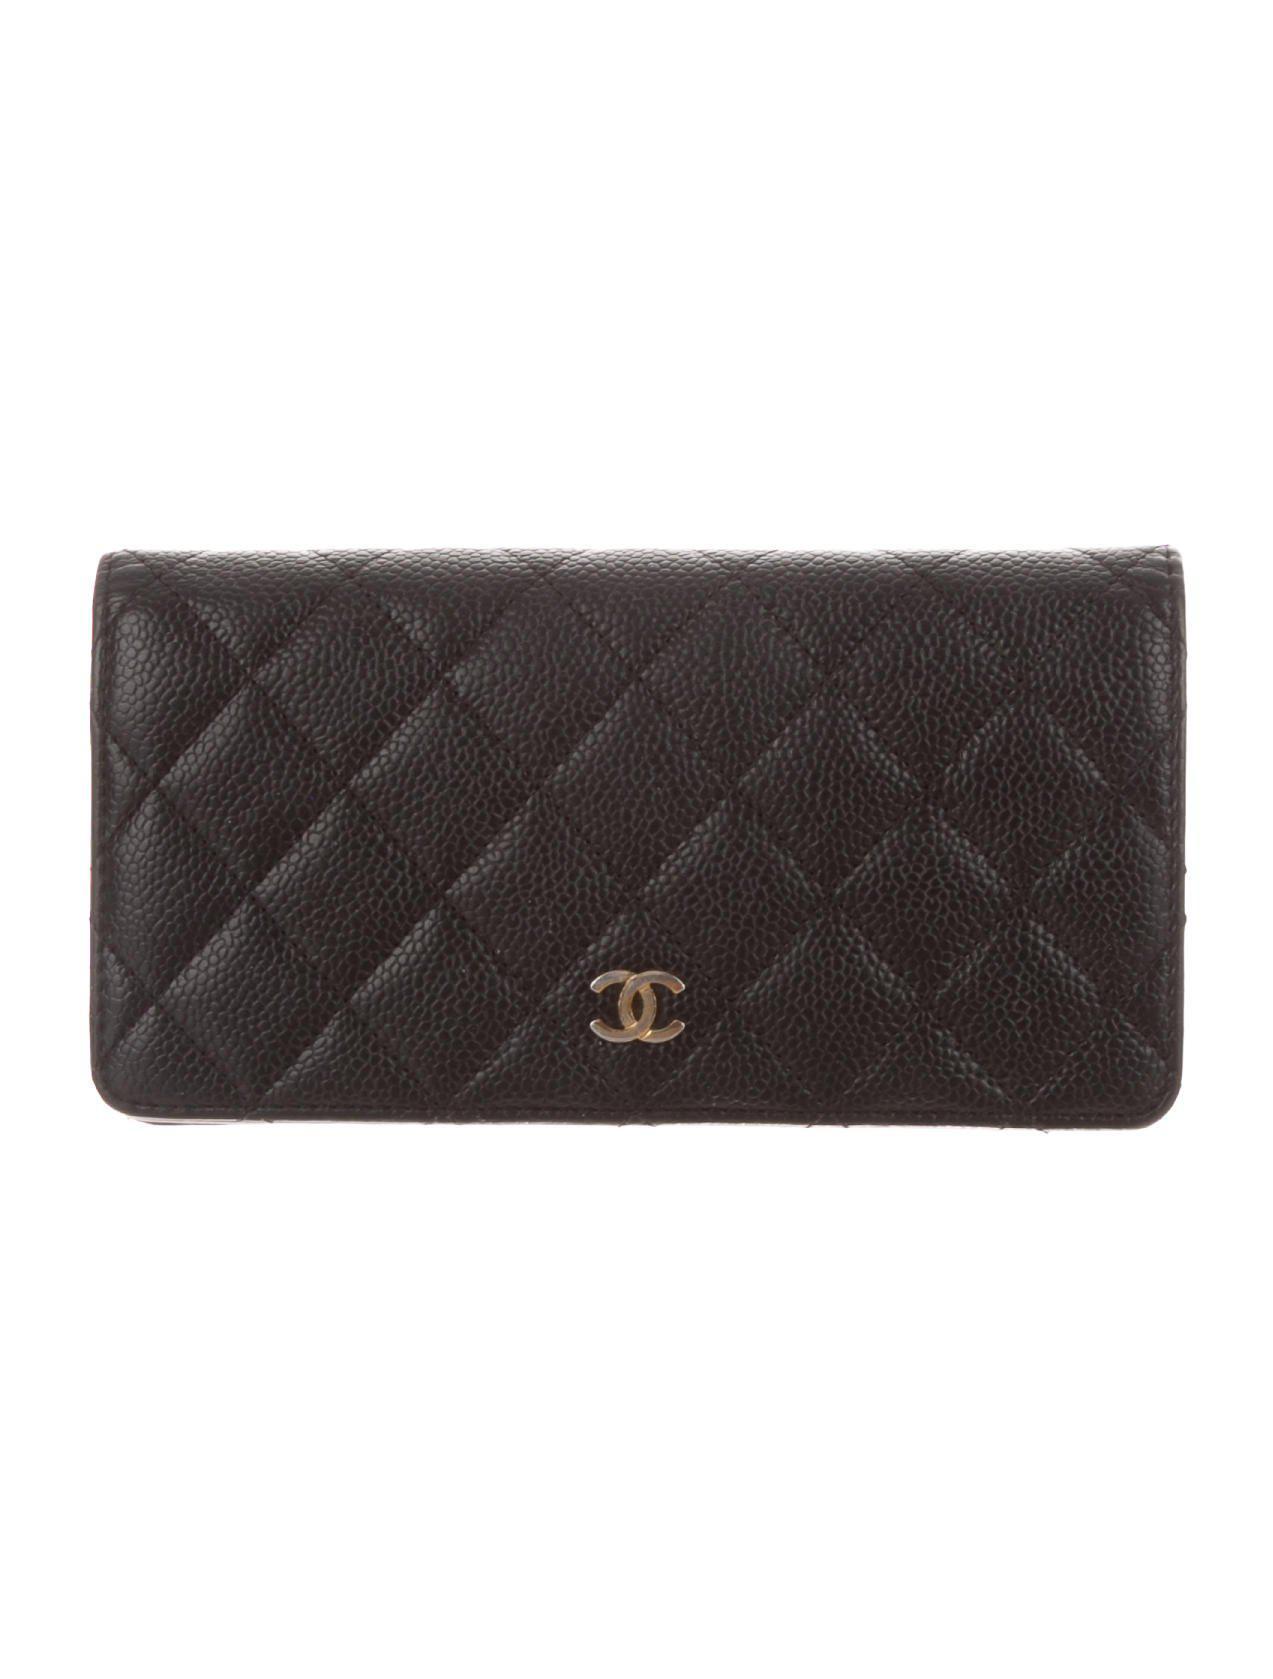 a831e6e9e1bd Chanel Caviar Quilted Yen Wallet Black - Image Of Wallet